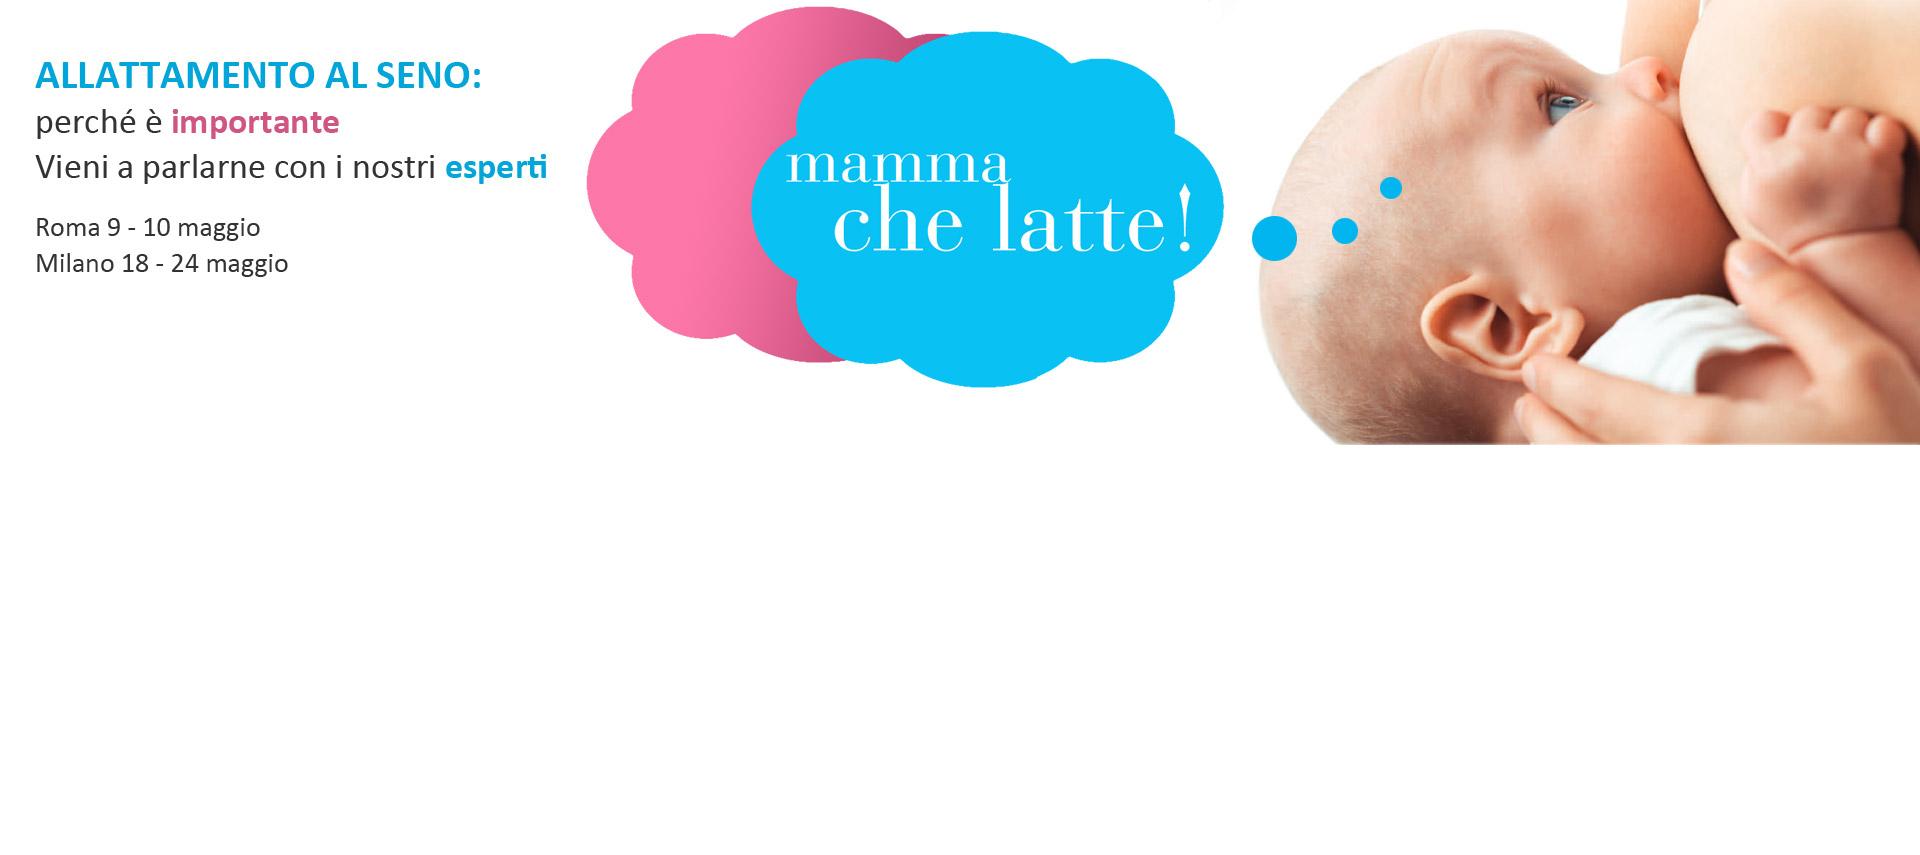 Mamma che latte! Allattamento al seno: perche' e' importante. Vieni a parlarne con i nostri esperti